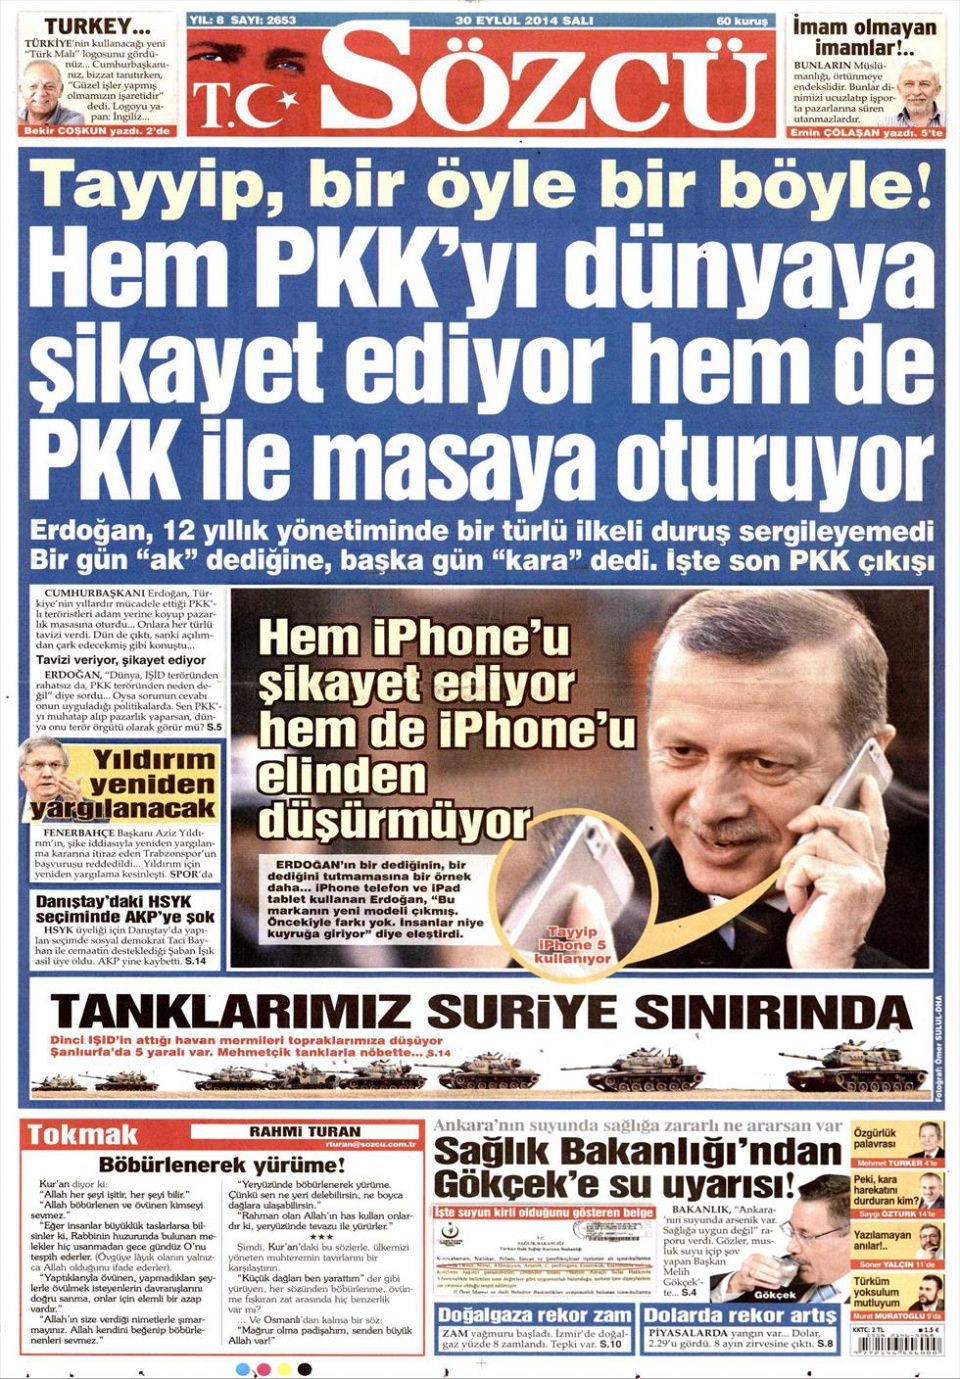 30 Eylül 2014 gazete manşetleri 17